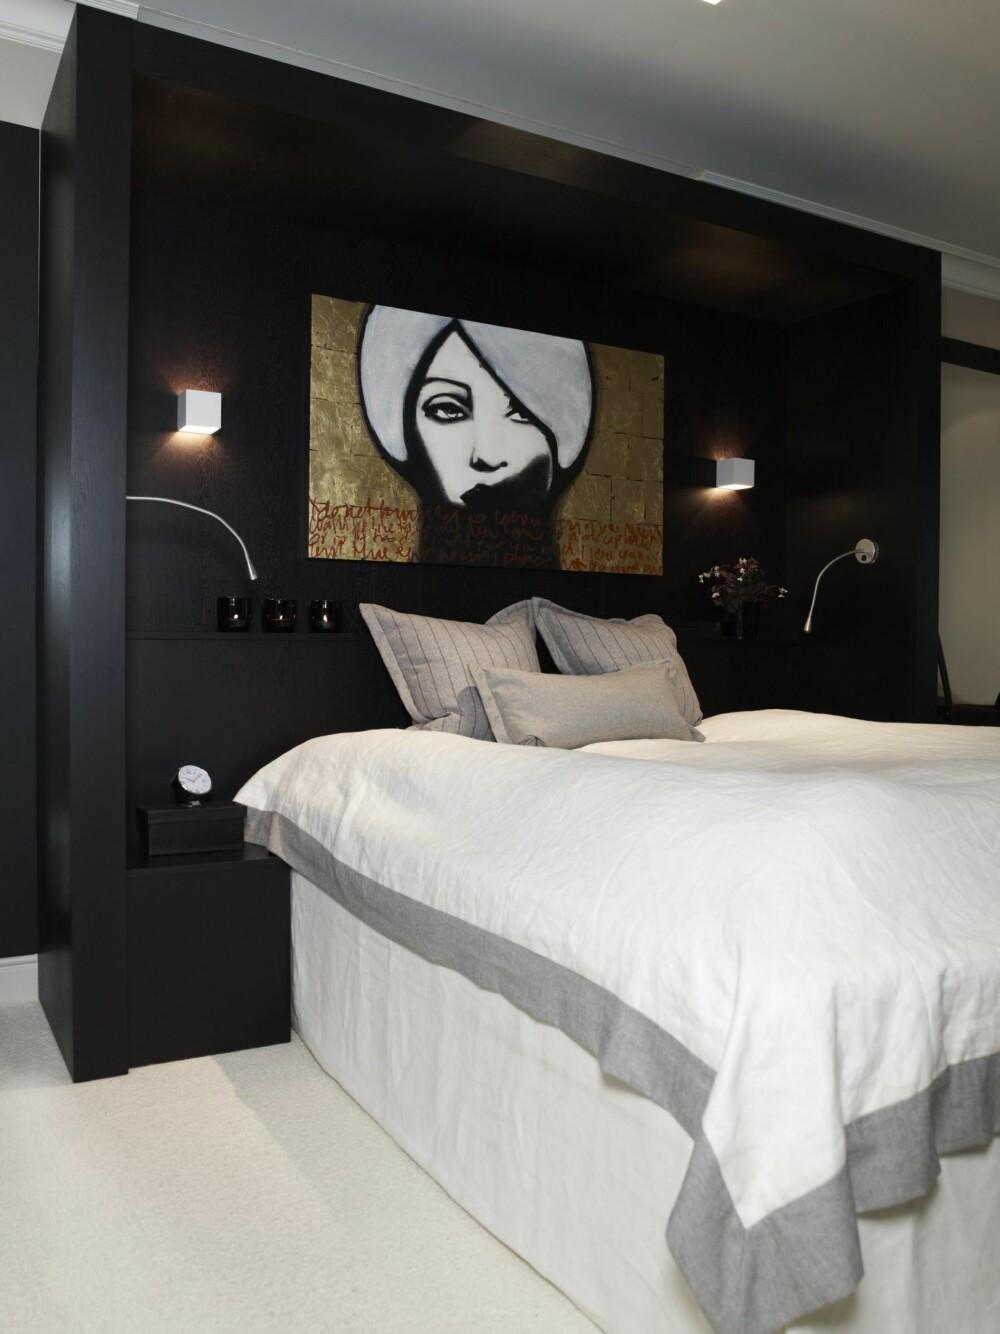 KUNST: Et bilde eller maleri gjør seg godt som dekorasjon på soveromsveggen